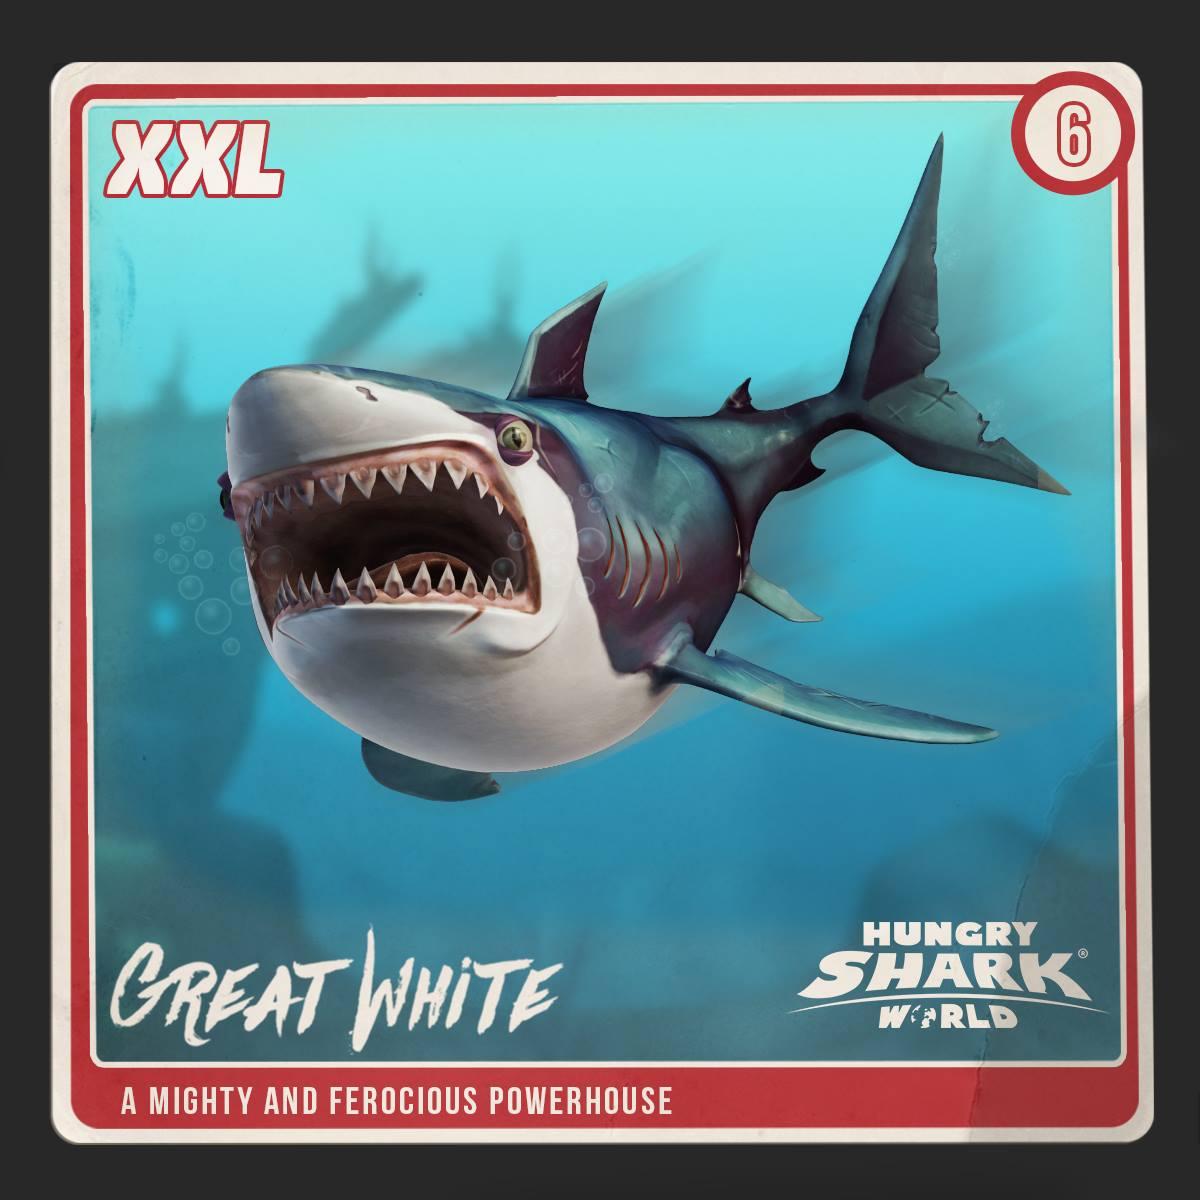 Great White Shark World Hungry Shark Wiki Fandom